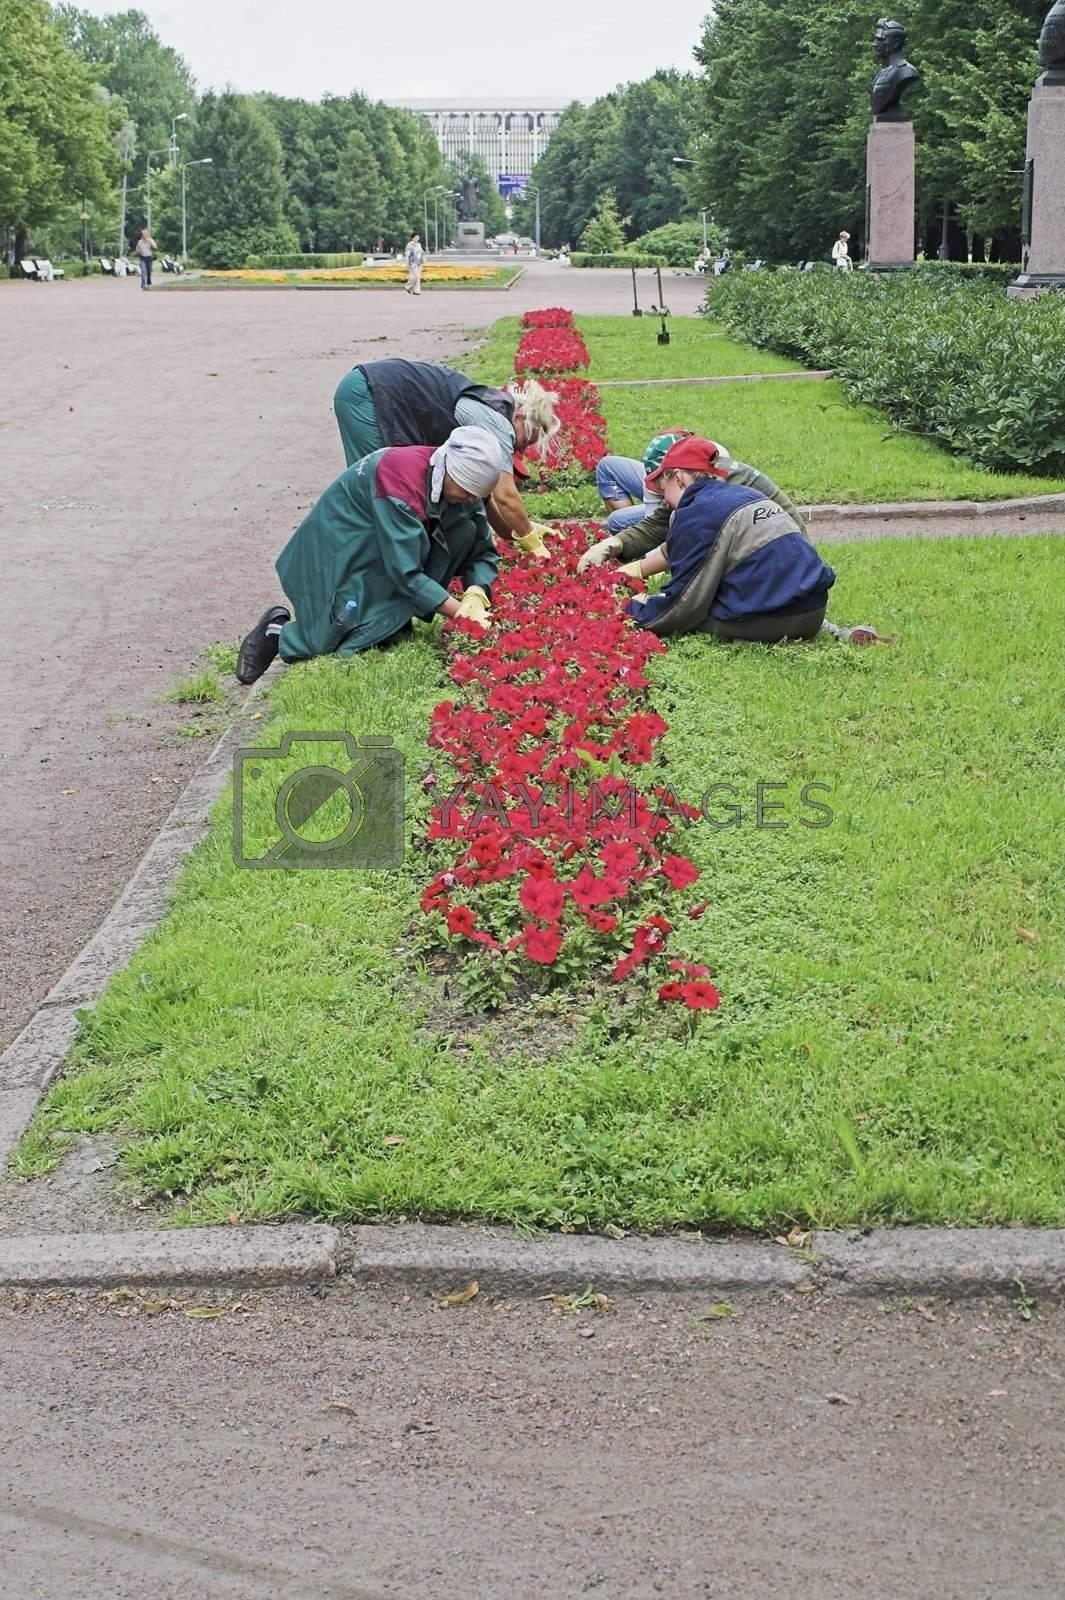 Girls Doing Gardening in City Park